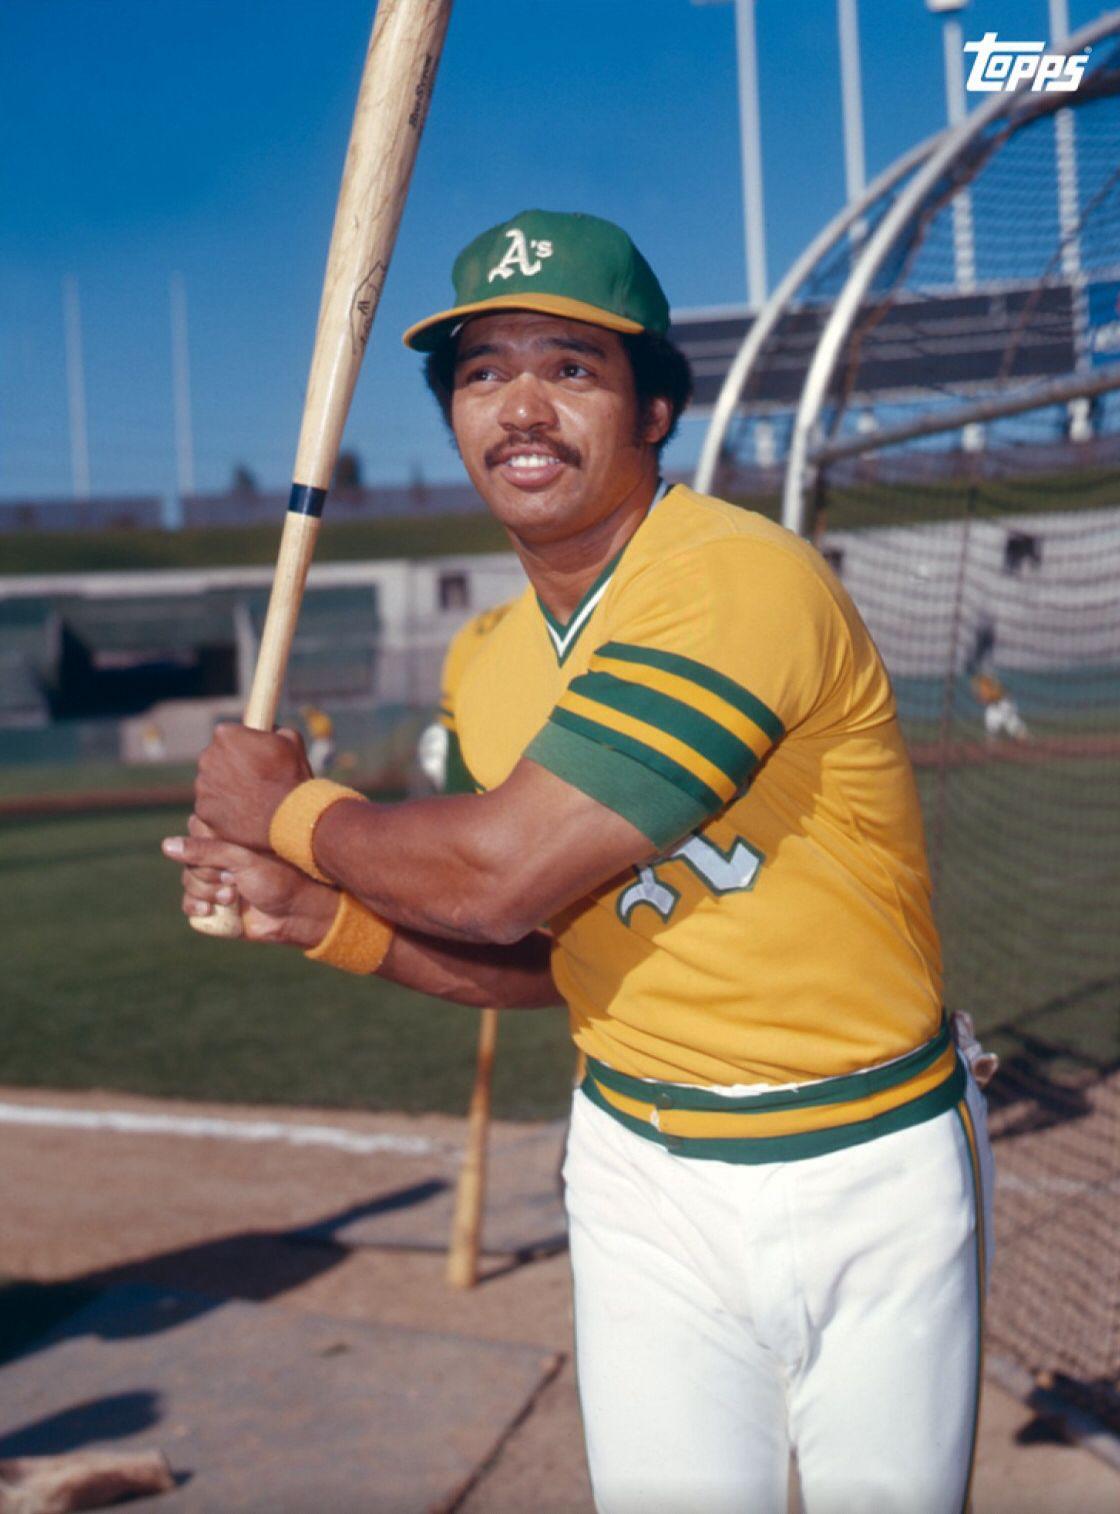 f91fa9021185 Reggie Jackson Sports Baseball, Best Baseball Player, Better Baseball,  Baseball Cards, Mlb